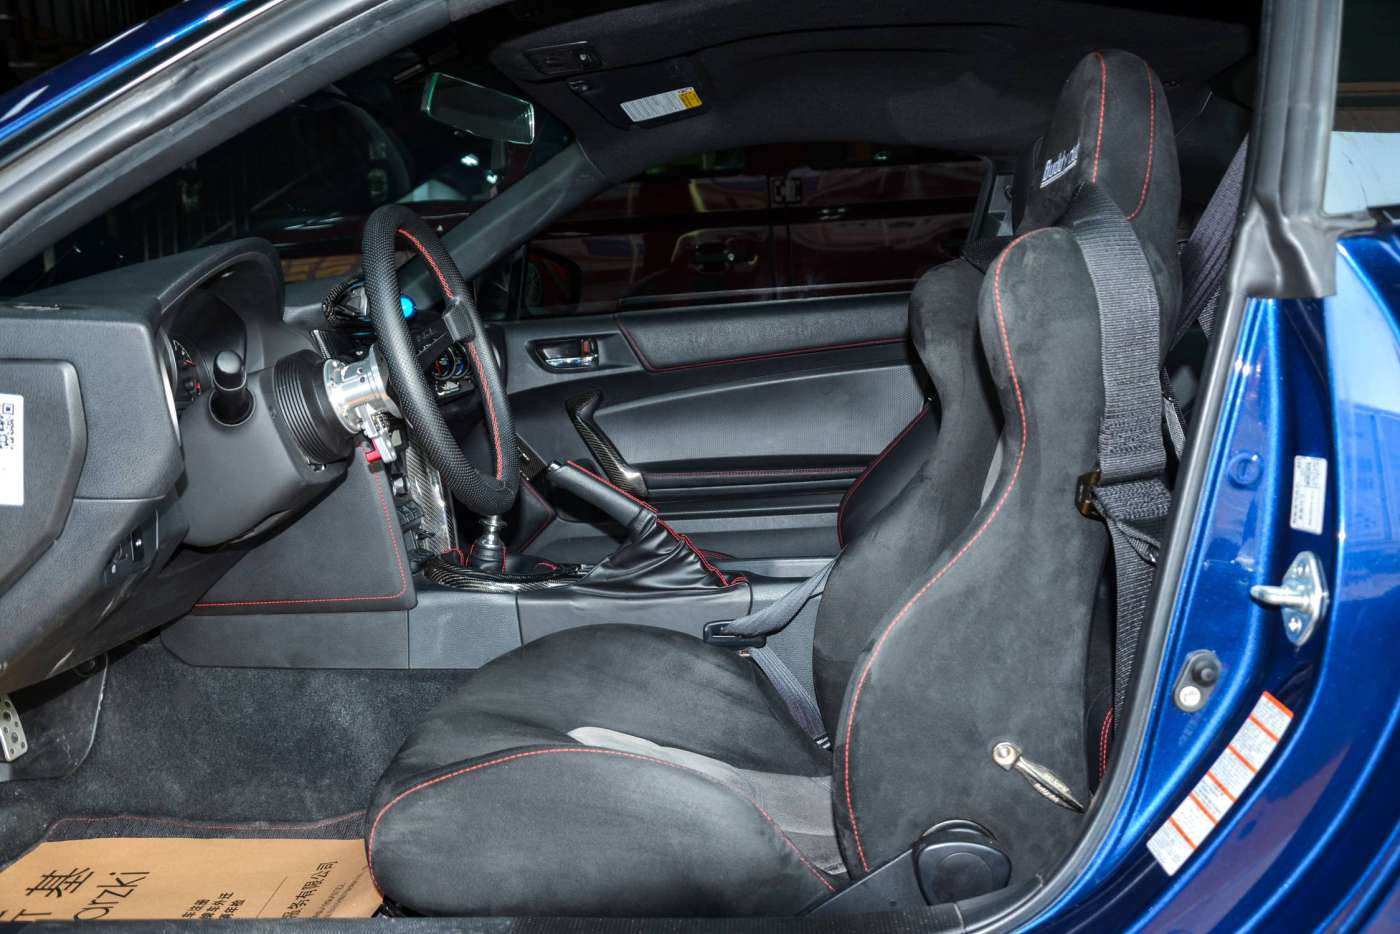 丰田86 2014款 2.0L 手动豪华型|甄选丰田-北京卡斯基汽车服务有限公司